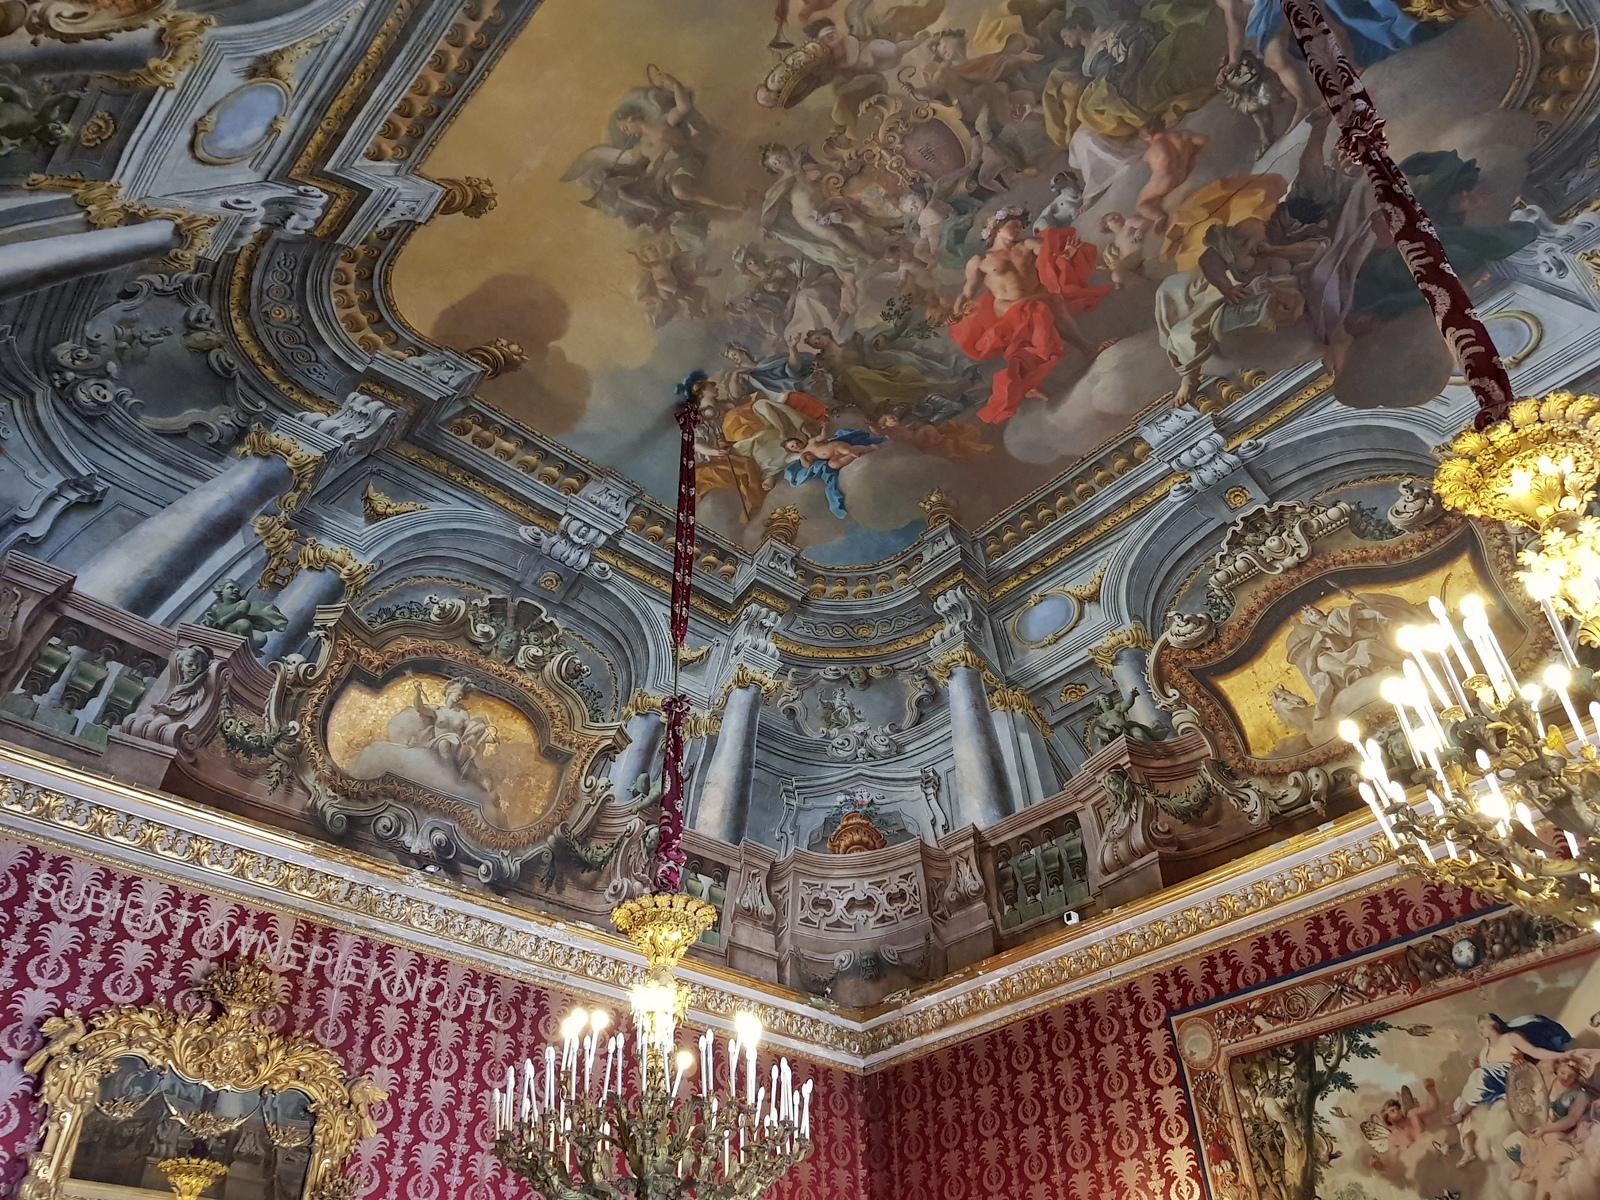 Neapol Włochy - Pałac Królewski w Neapolu. Palazzo Reale di Napoli w środku